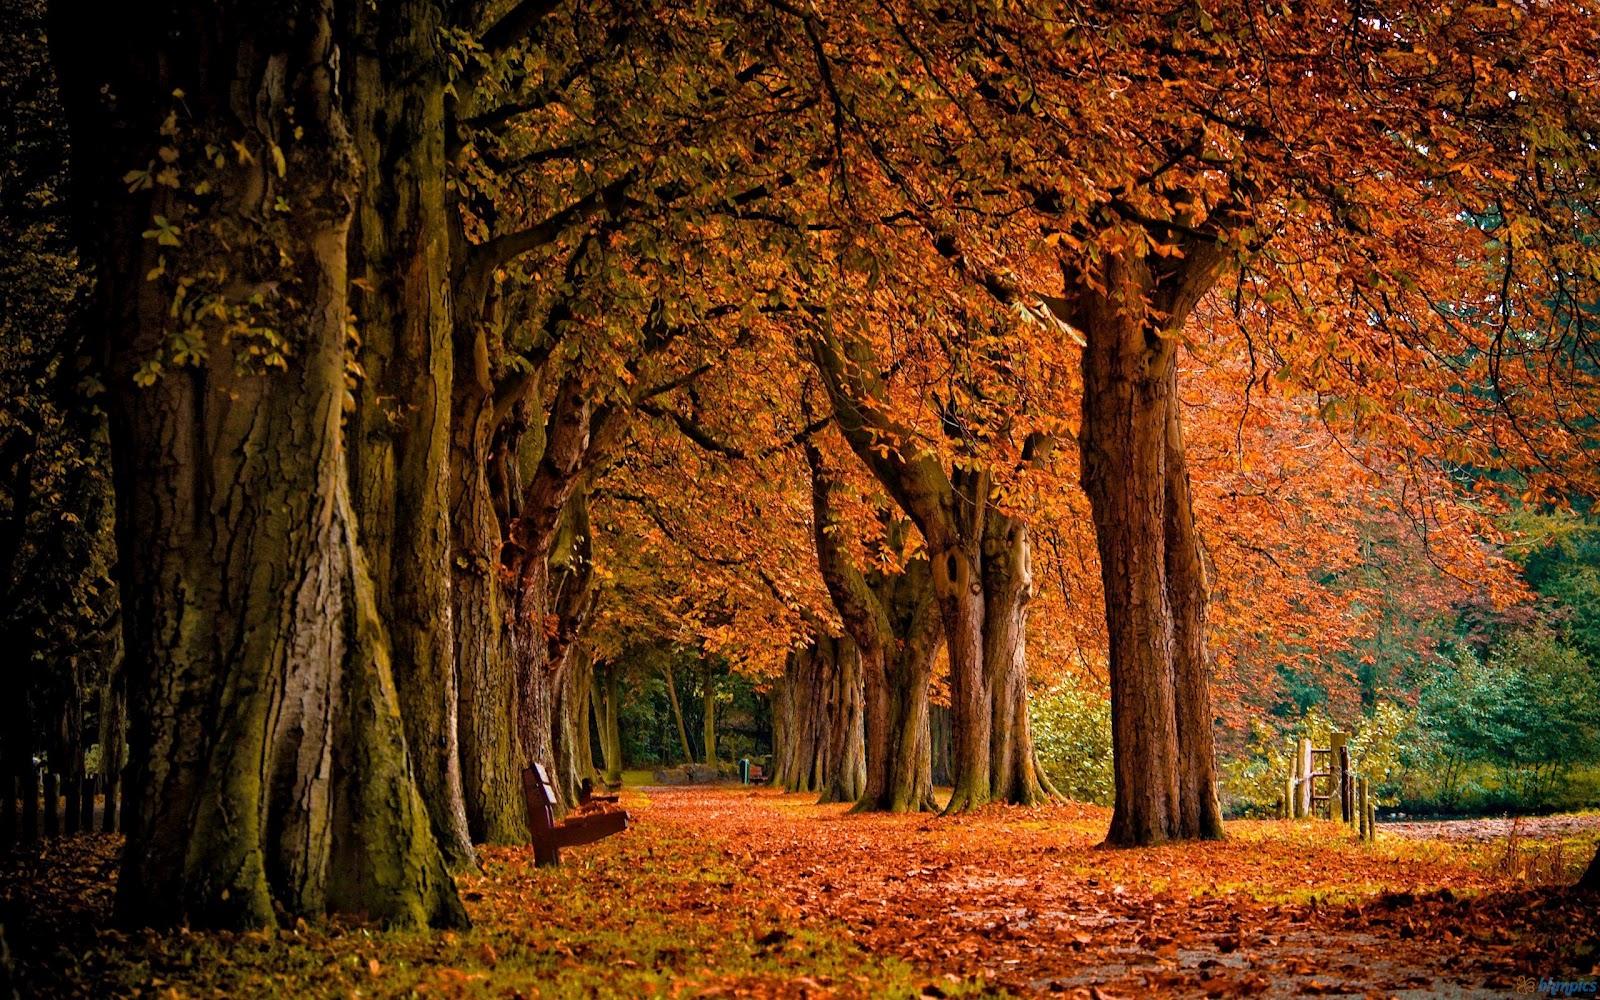 http://2.bp.blogspot.com/-gpMAONWkswo/UCnaYCNXFWI/AAAAAAAACpo/yaFRRd380iI/s1600/park_autumn-2560x1600.jpg